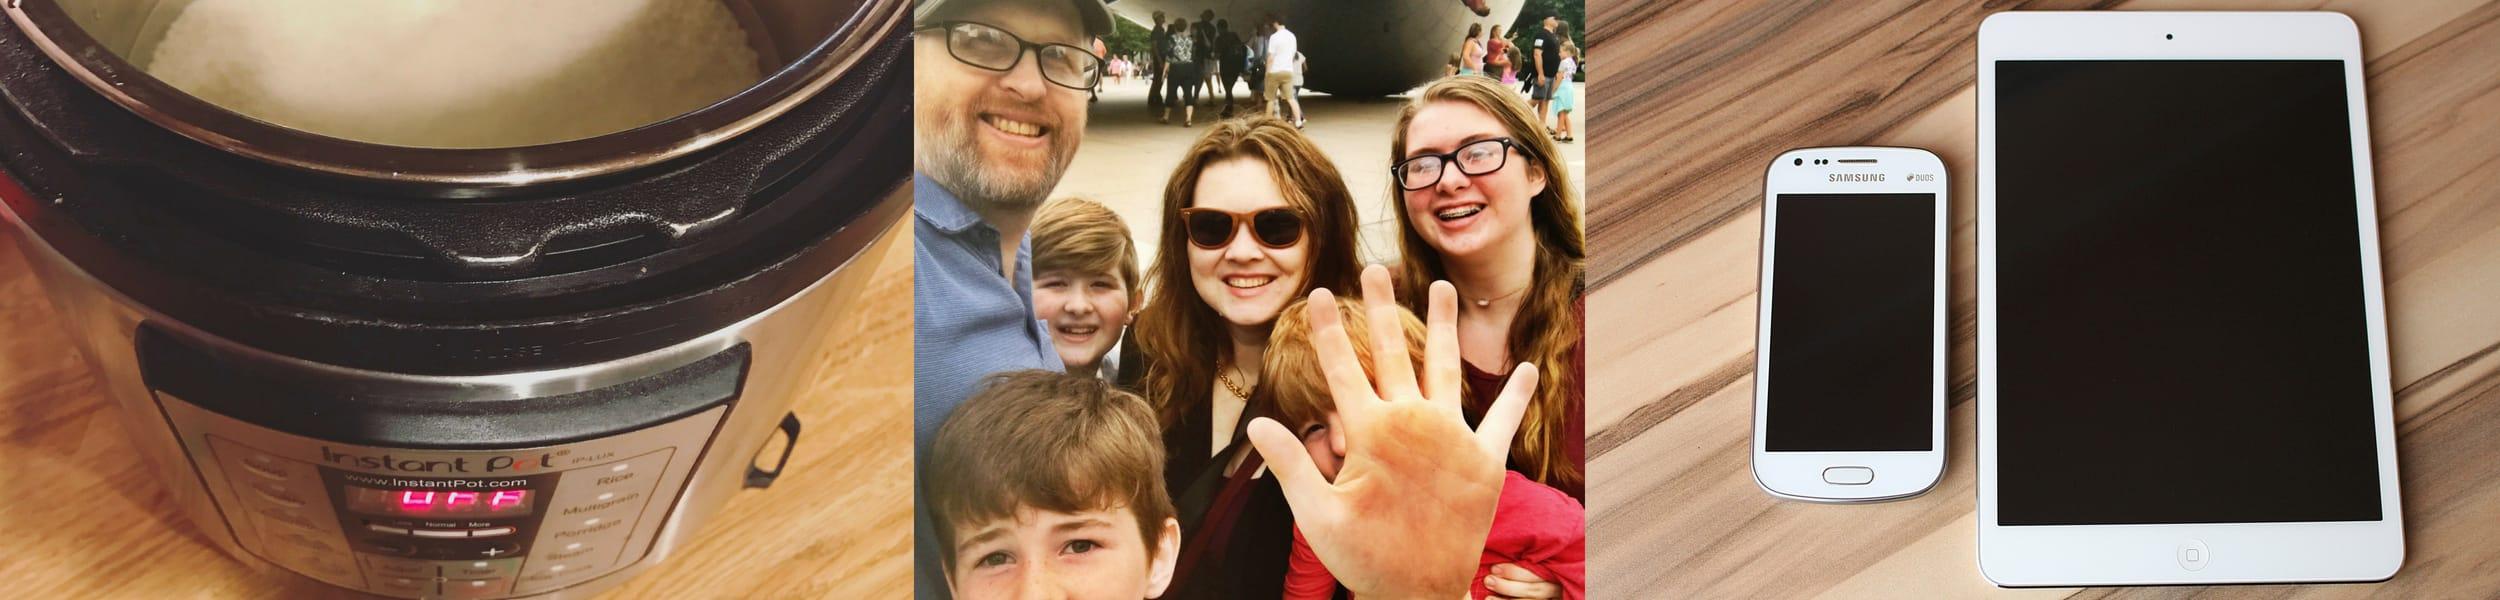 Dallas lifestyle digital mom blog